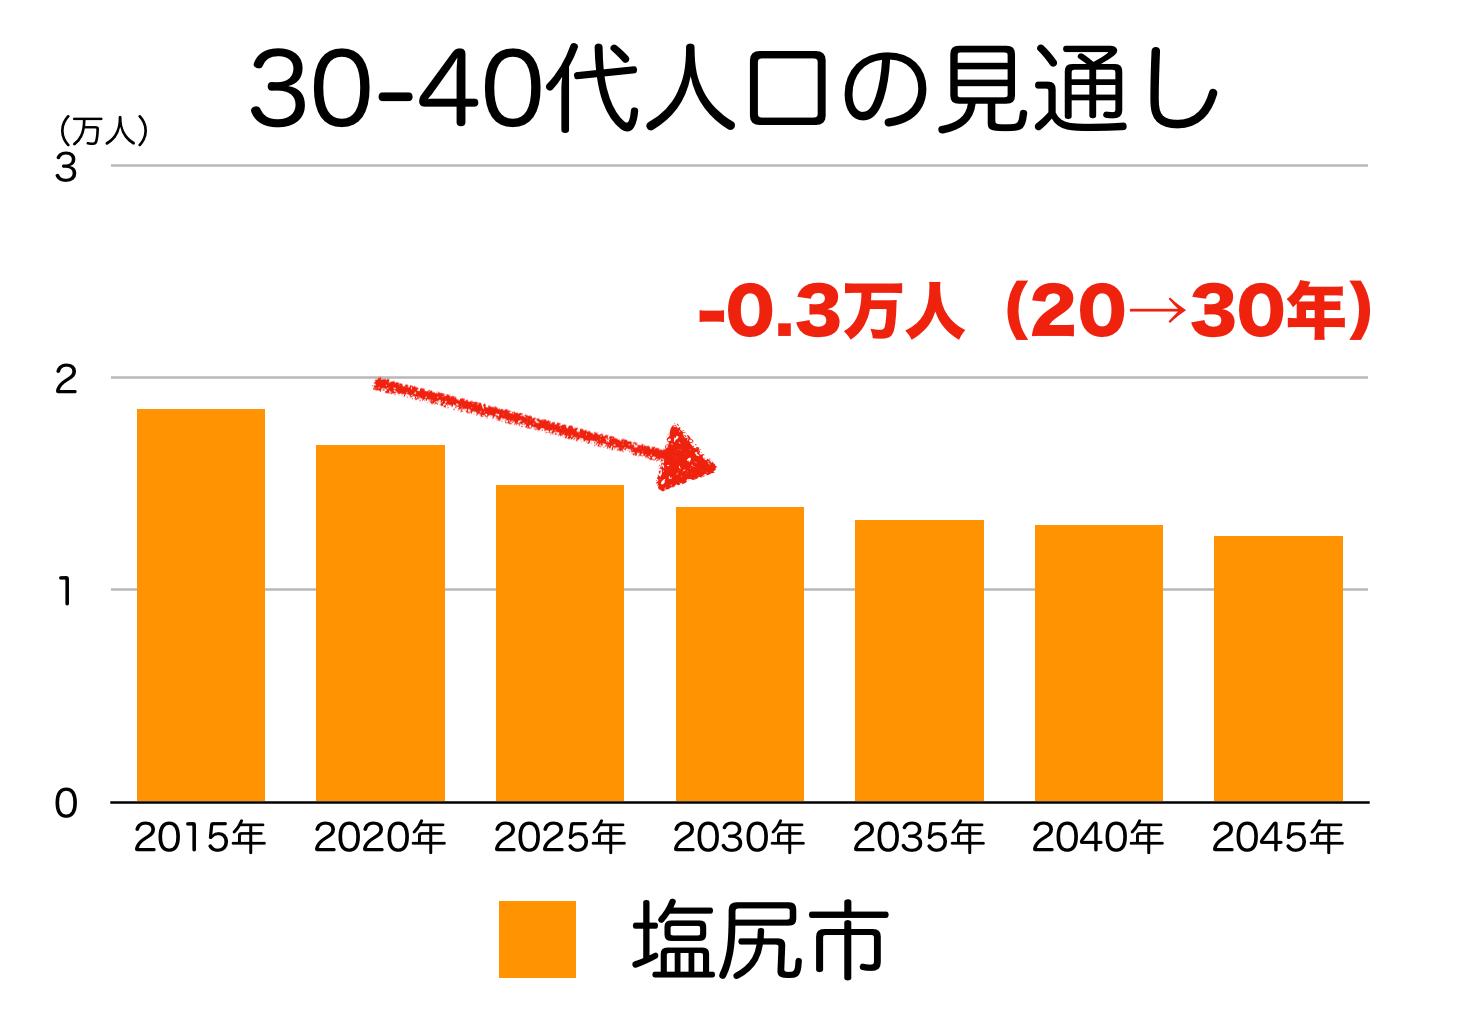 塩尻市の30〜40代人口の予測